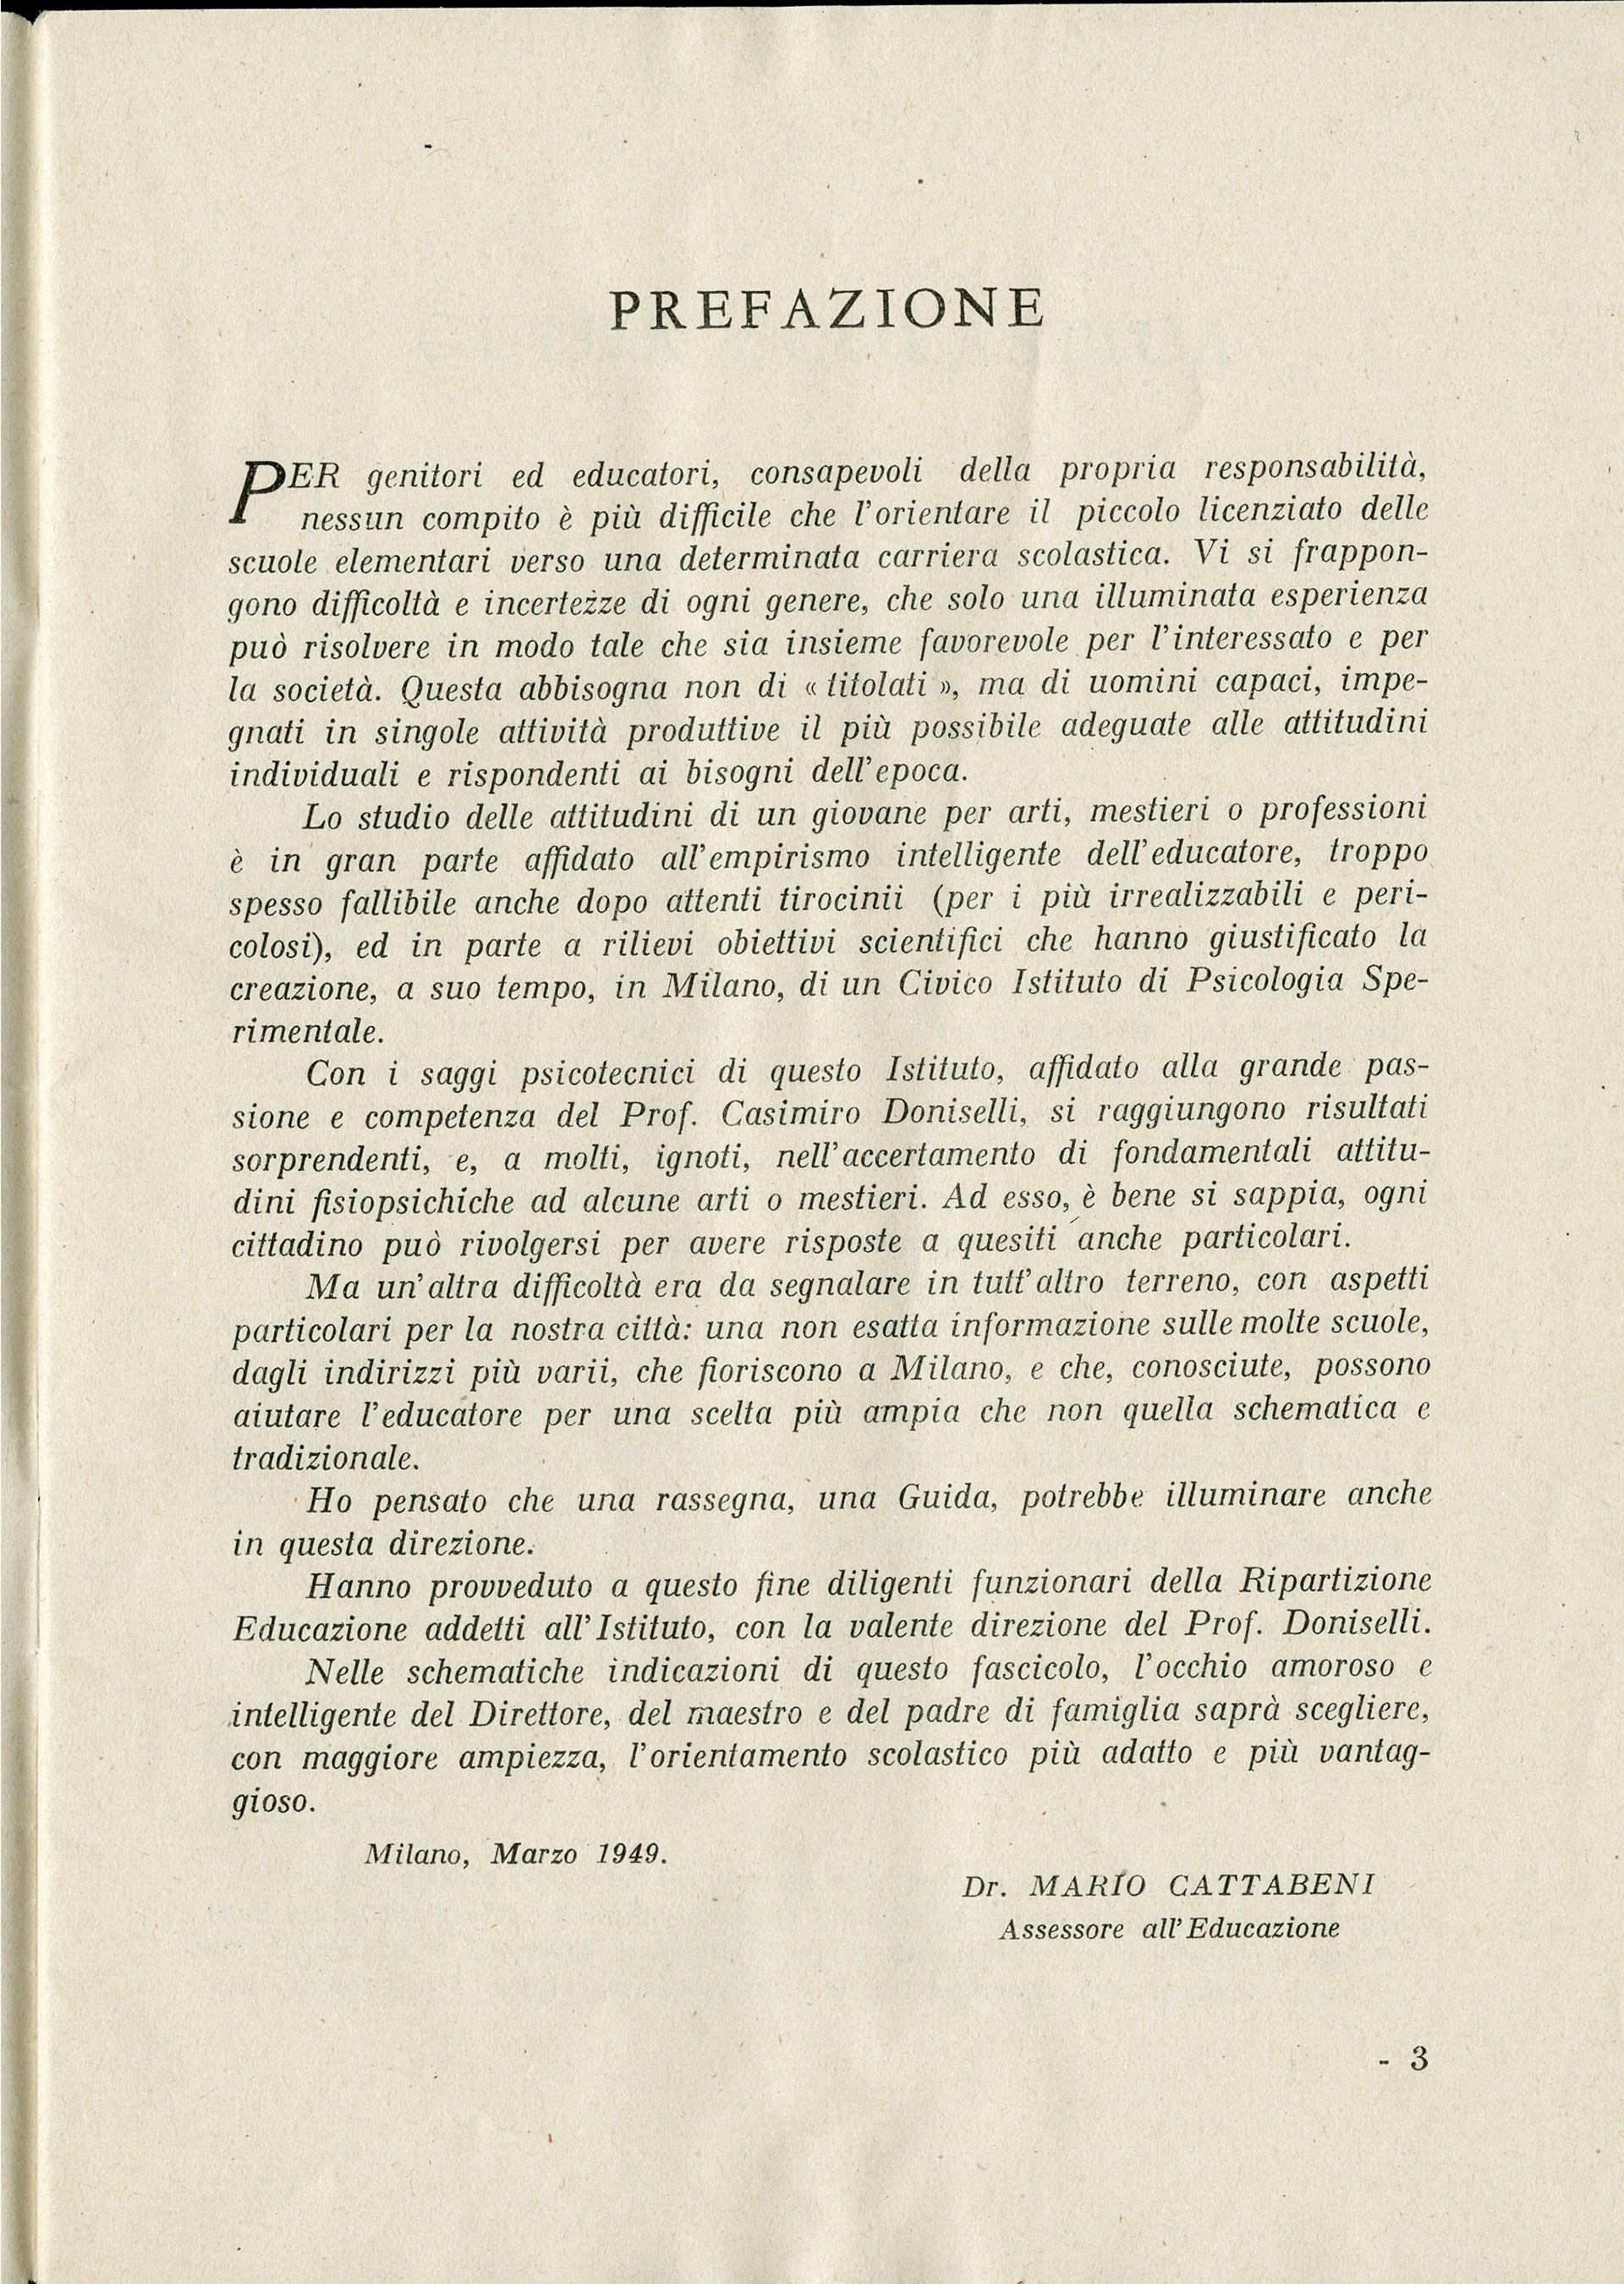 Comune di Milano, Guida scolastica, 1949-1950